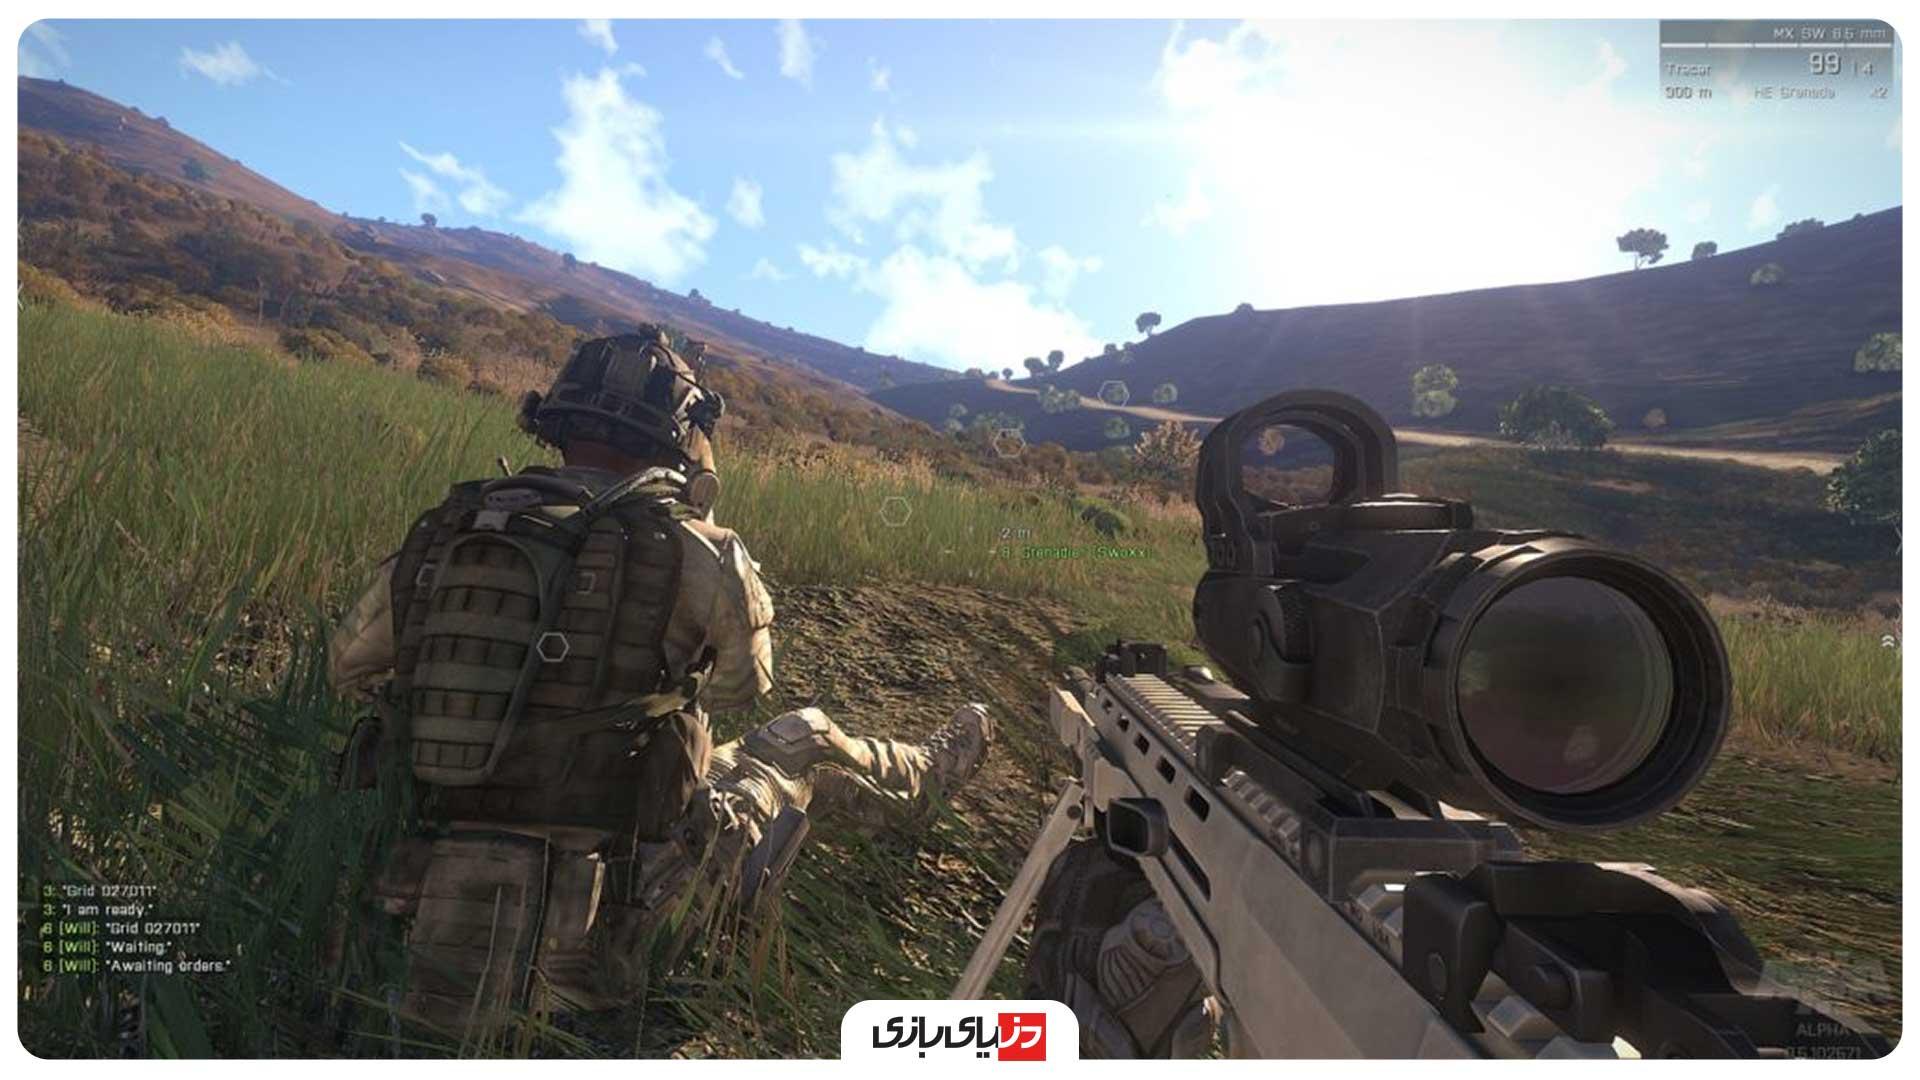 بازی جنگی کامپیوتر Arma 3 Apex